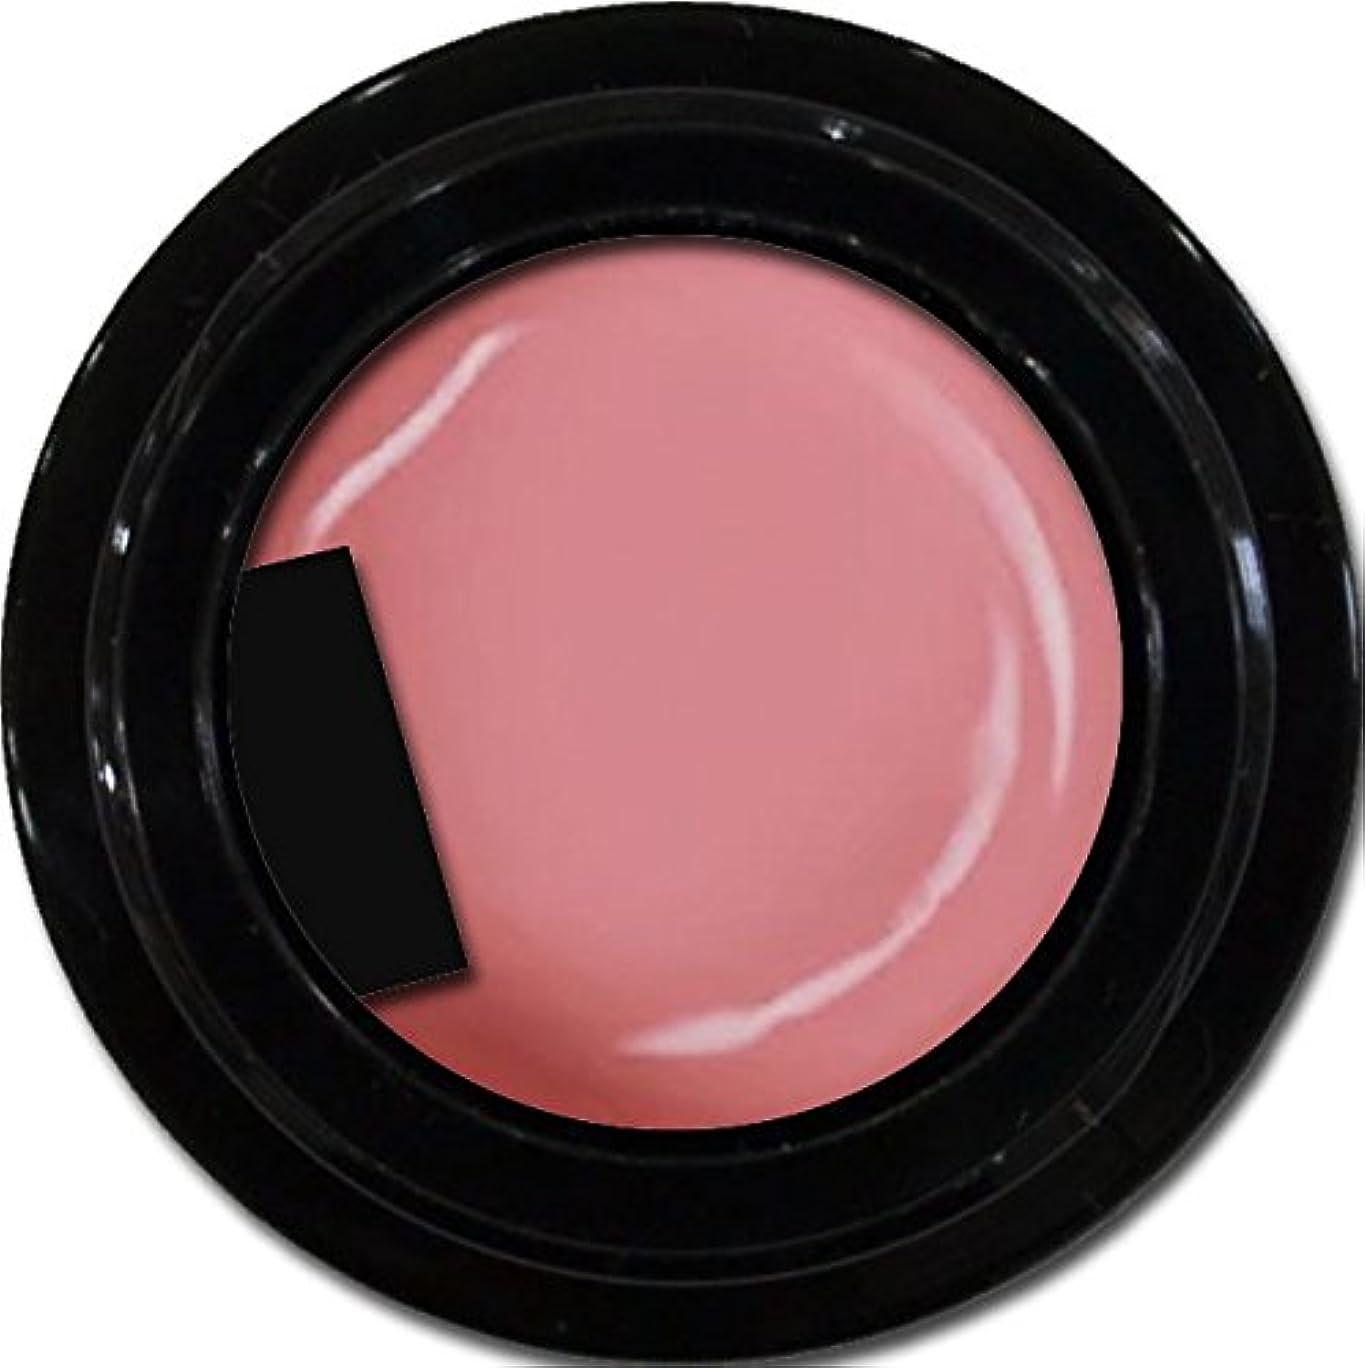 スチュワード引き受けるウィザードカラージェル enchant color gel M210 ApricotPink 3g/ マットカラージェル M210 アプリコットピンク 3グラム